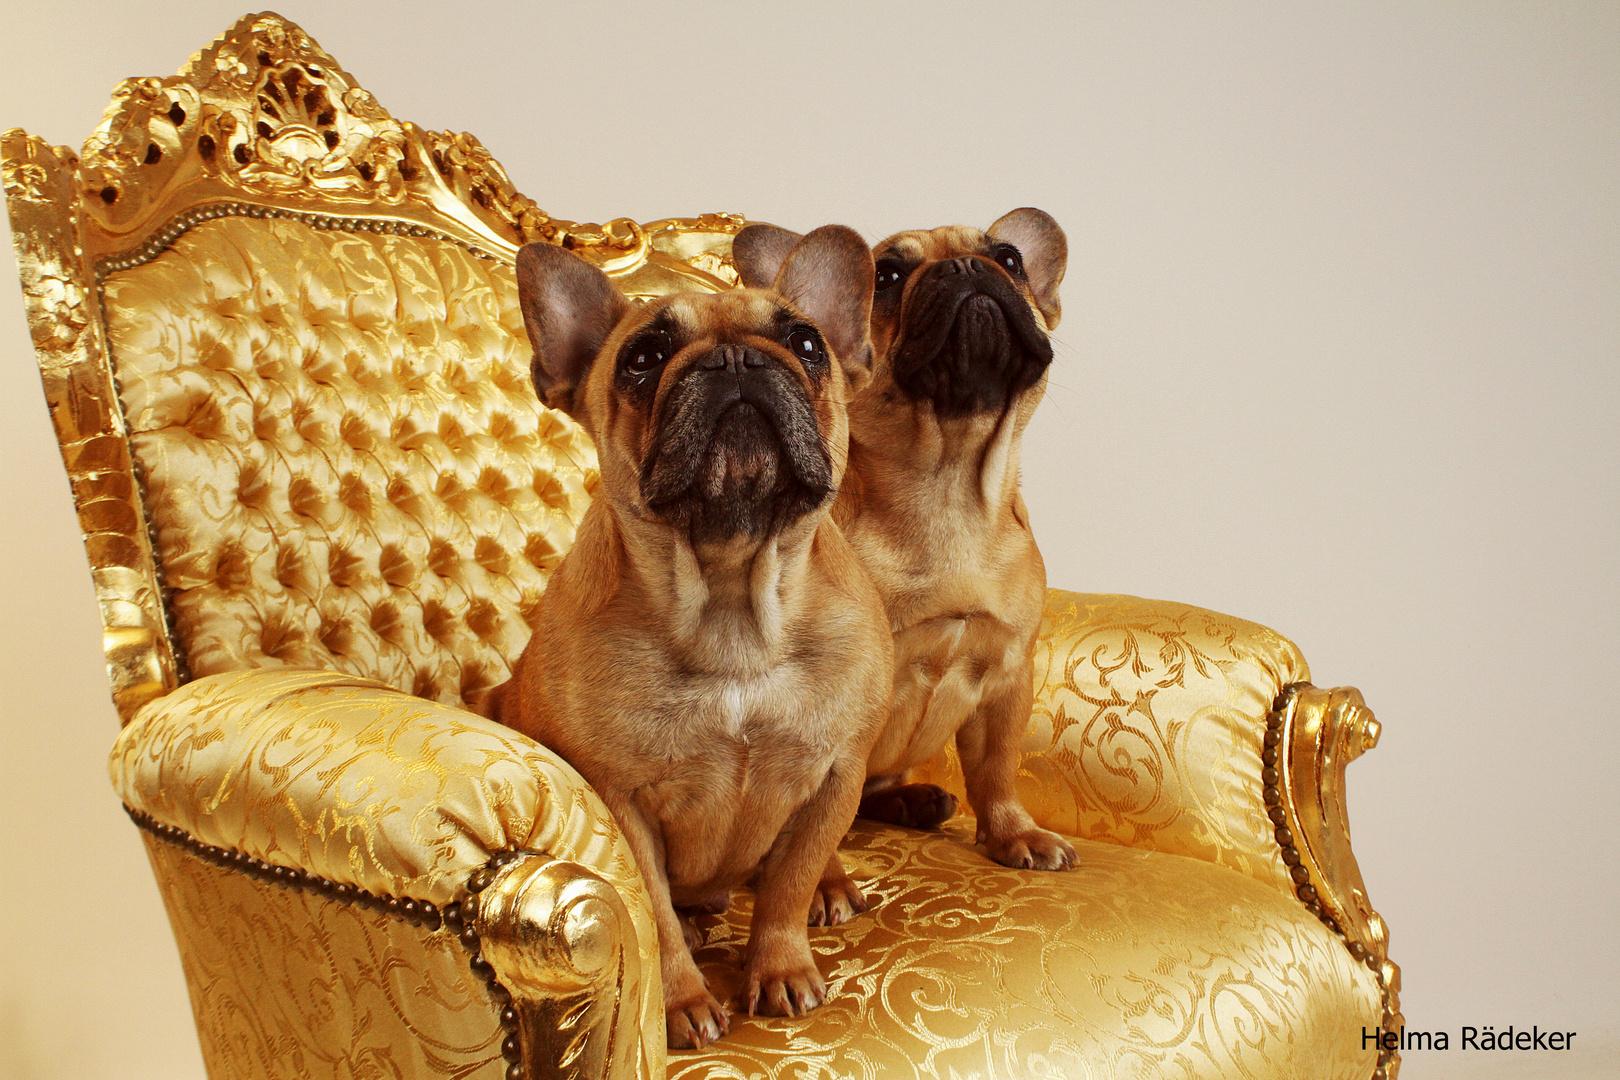 Französische Bulldogge Toffiefee und ihre Tochter Mahagoni